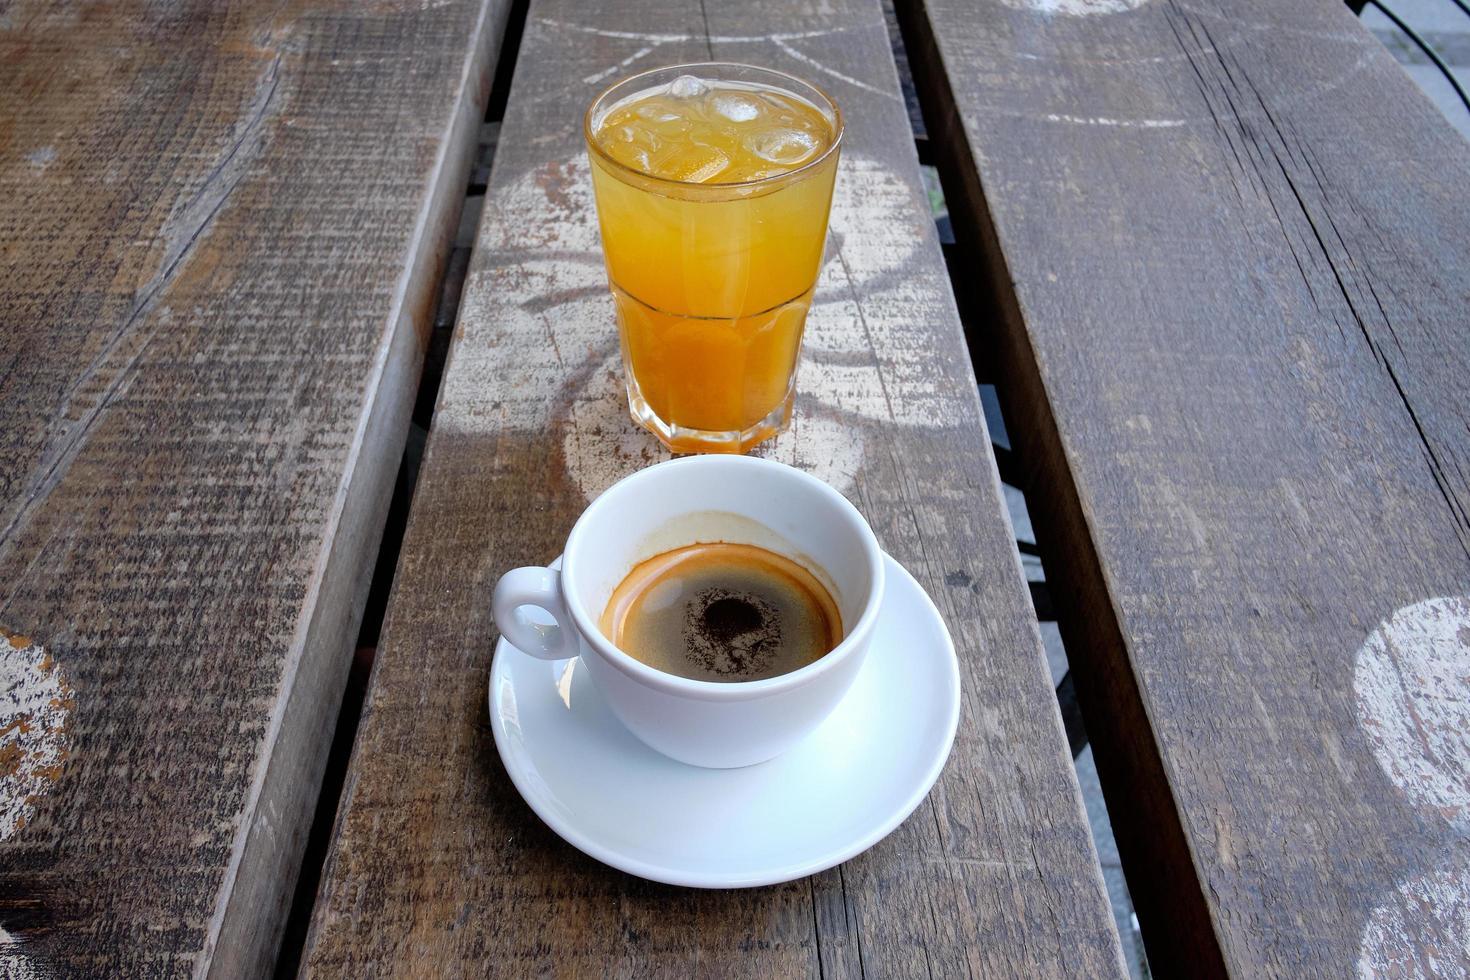 taza de café y un vaso de jugo de naranja fresco en una tabla de madera foto